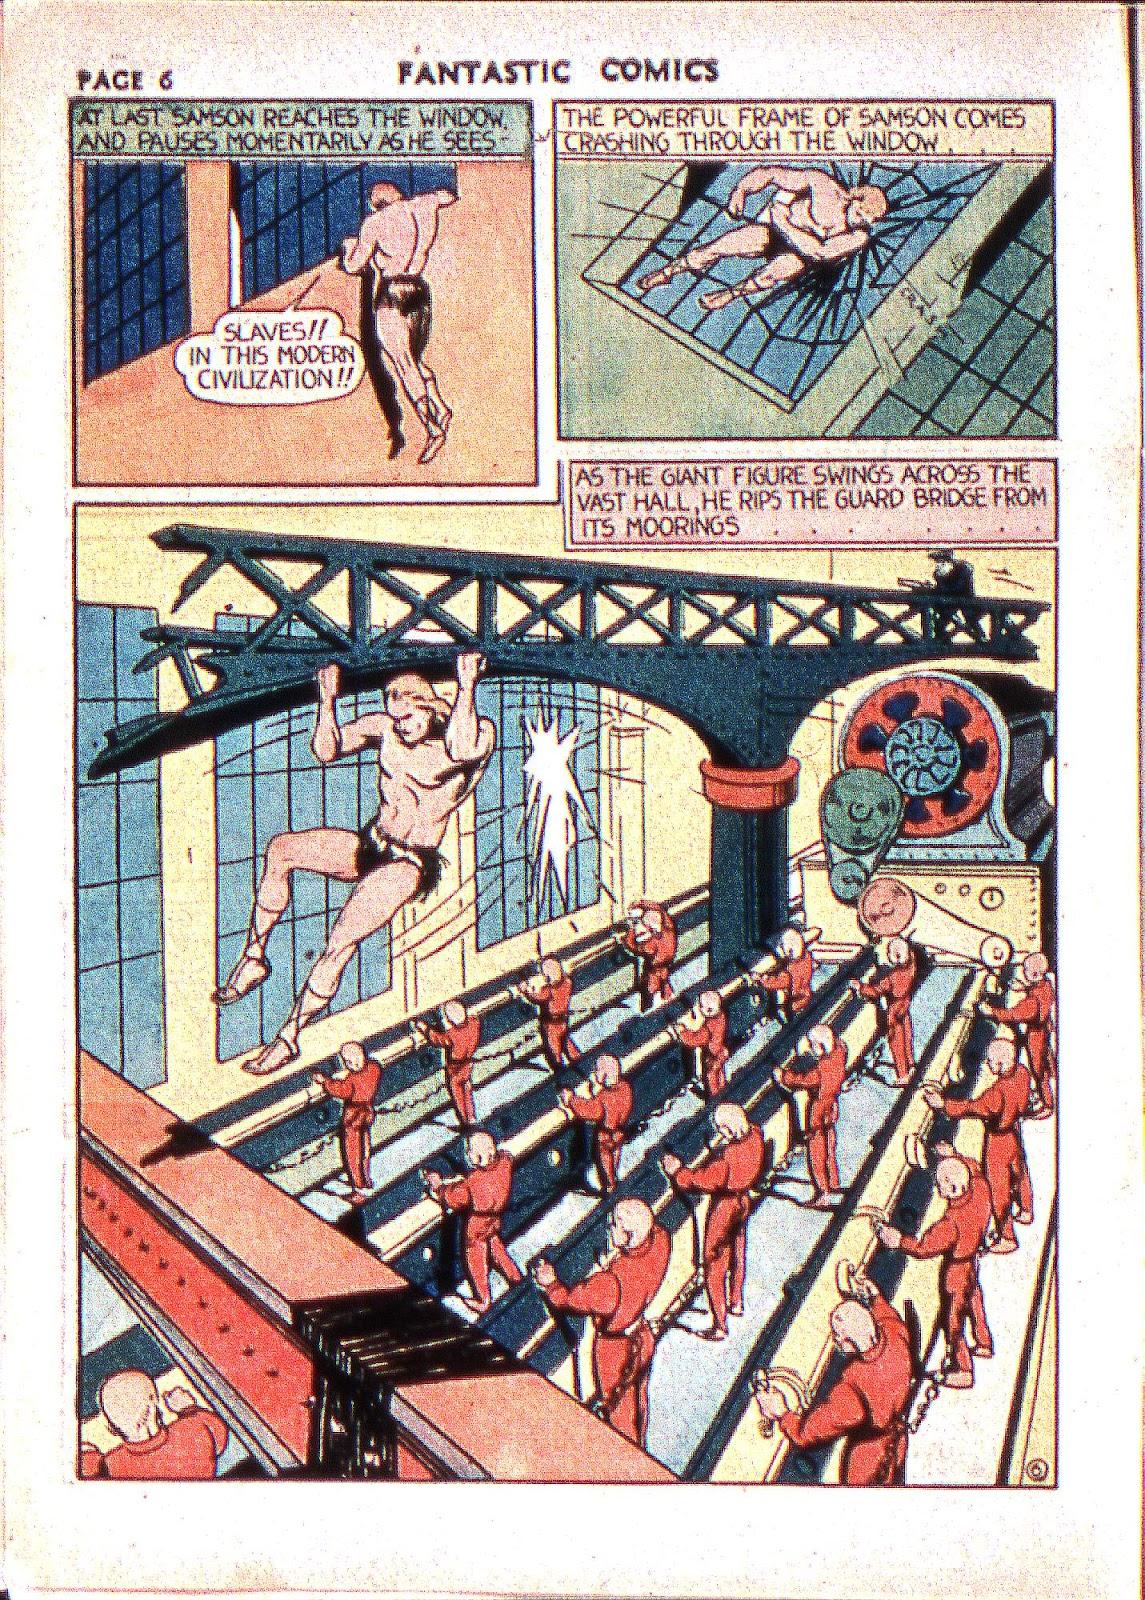 Read online Fantastic Comics comic -  Issue #2 - 8